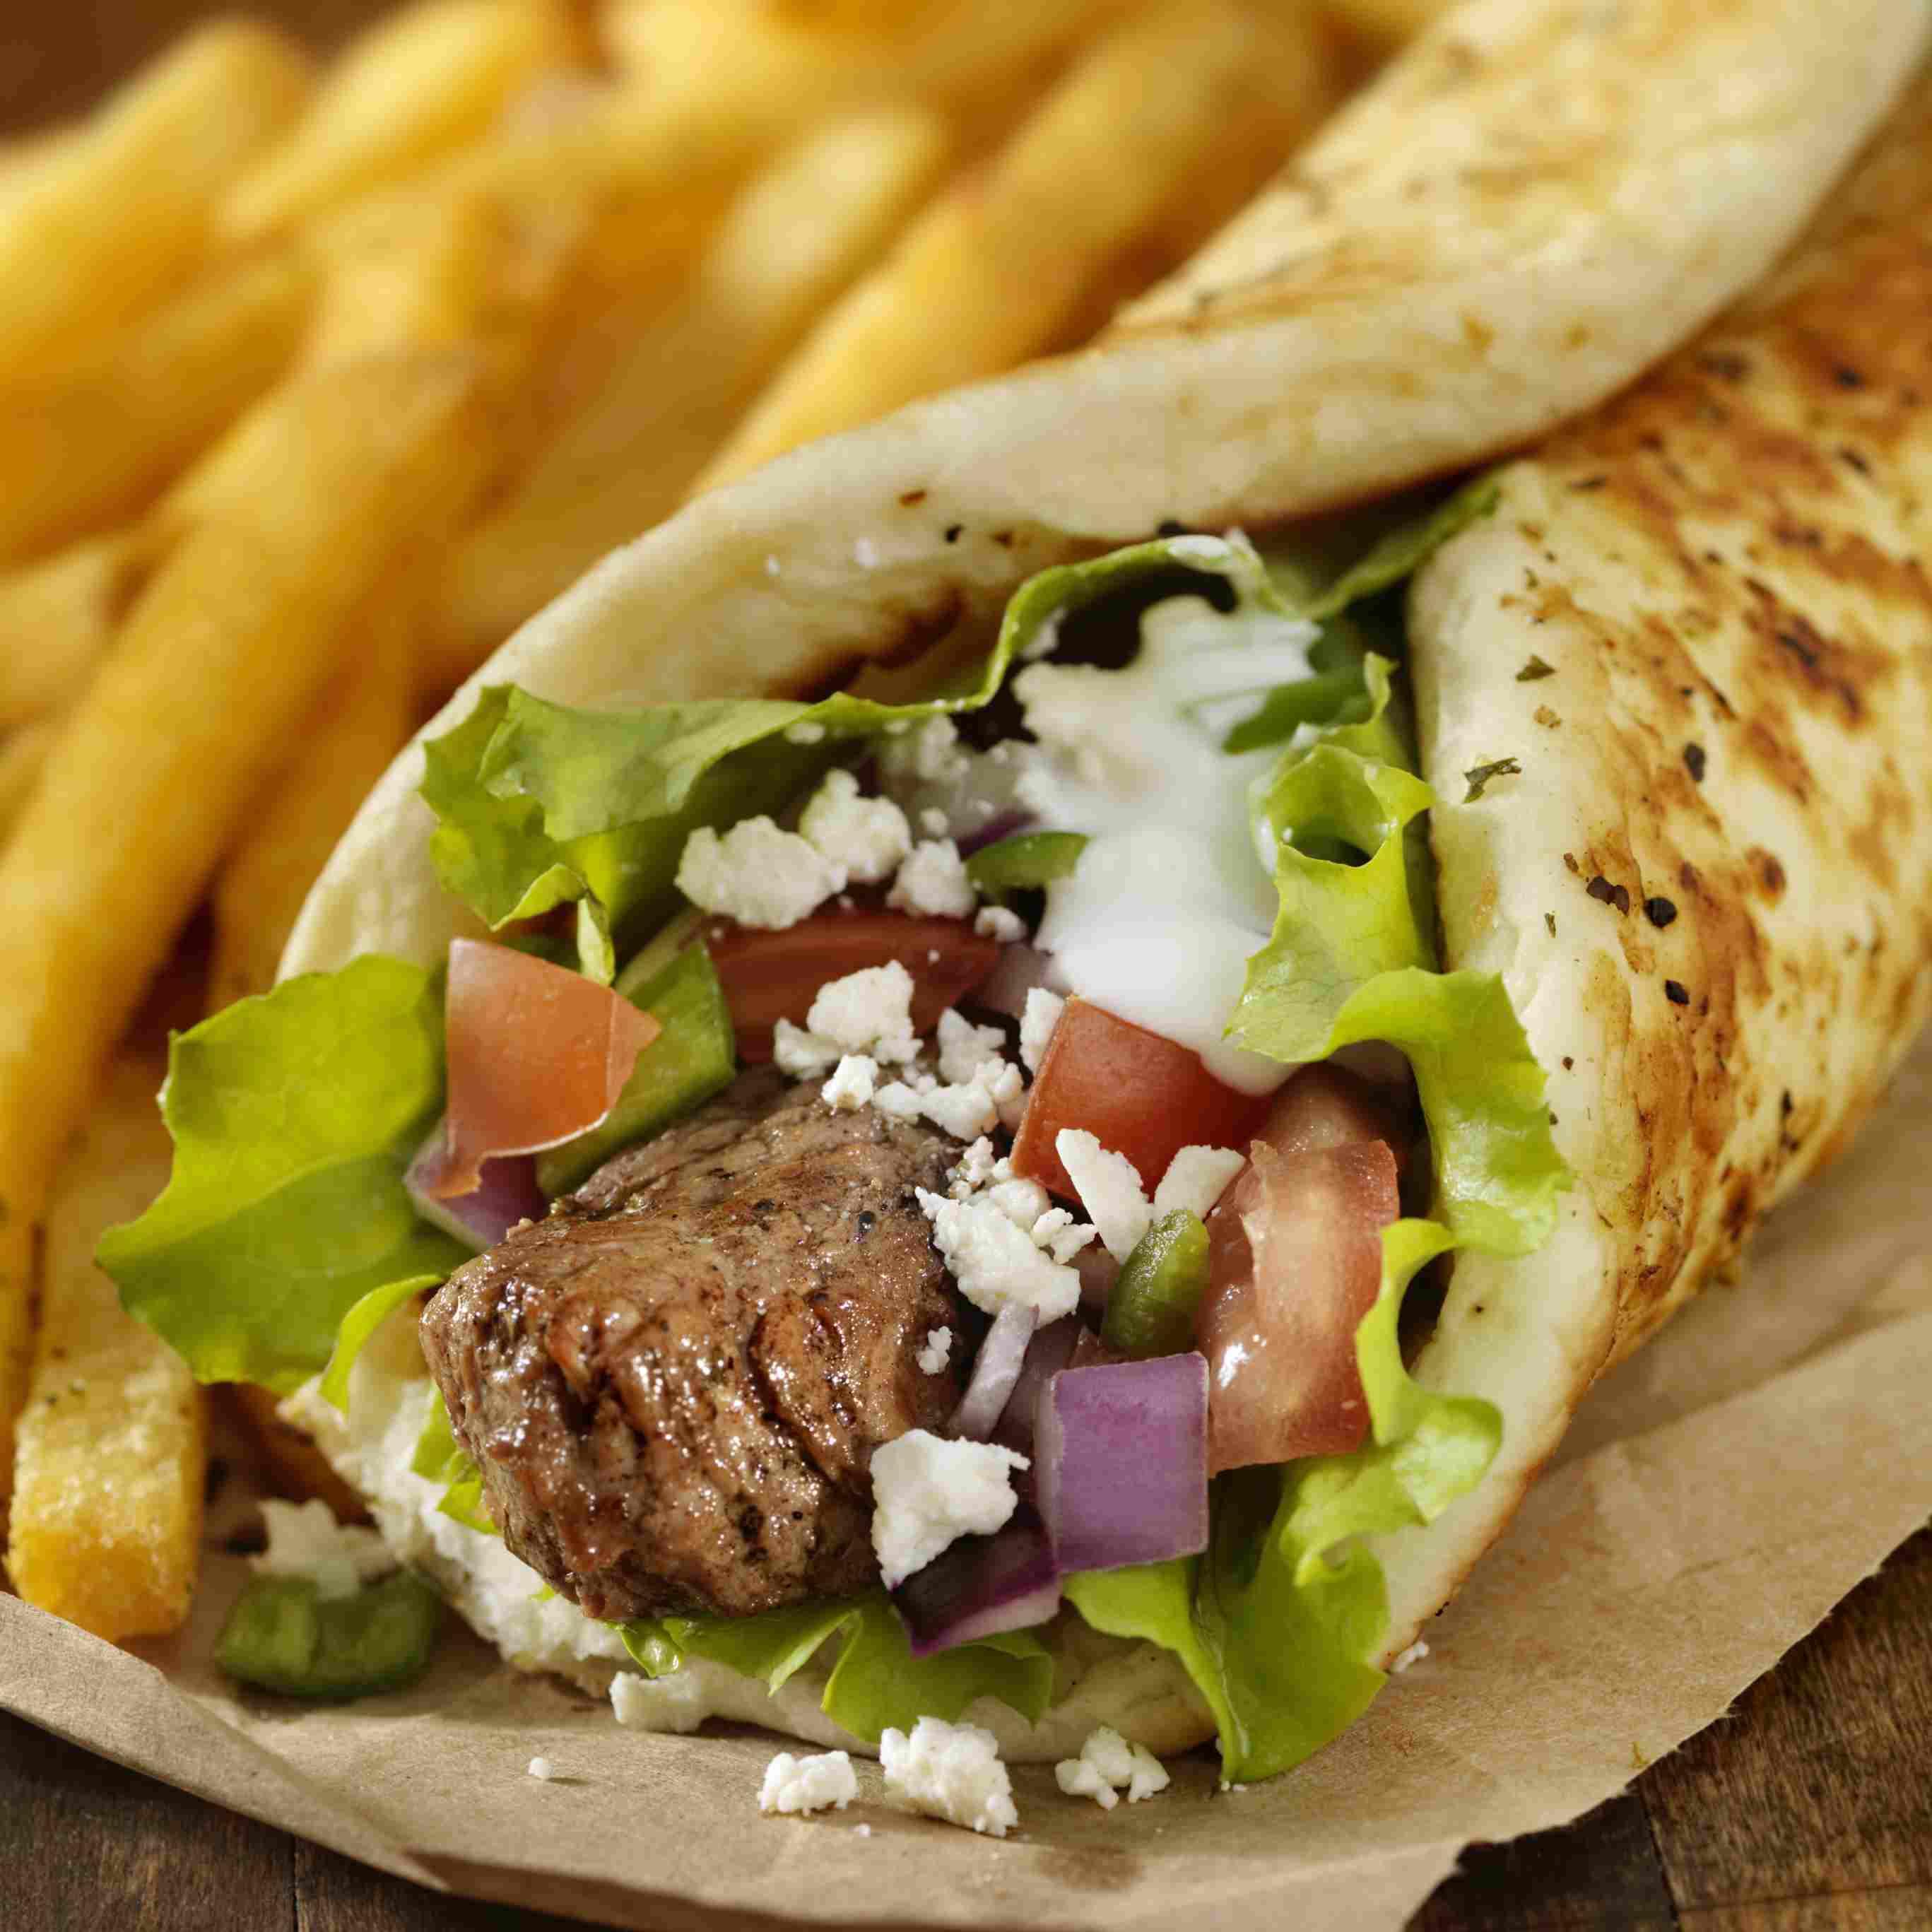 Greek Style Lamb Kabobs with Pita and Tzatziki Sauce